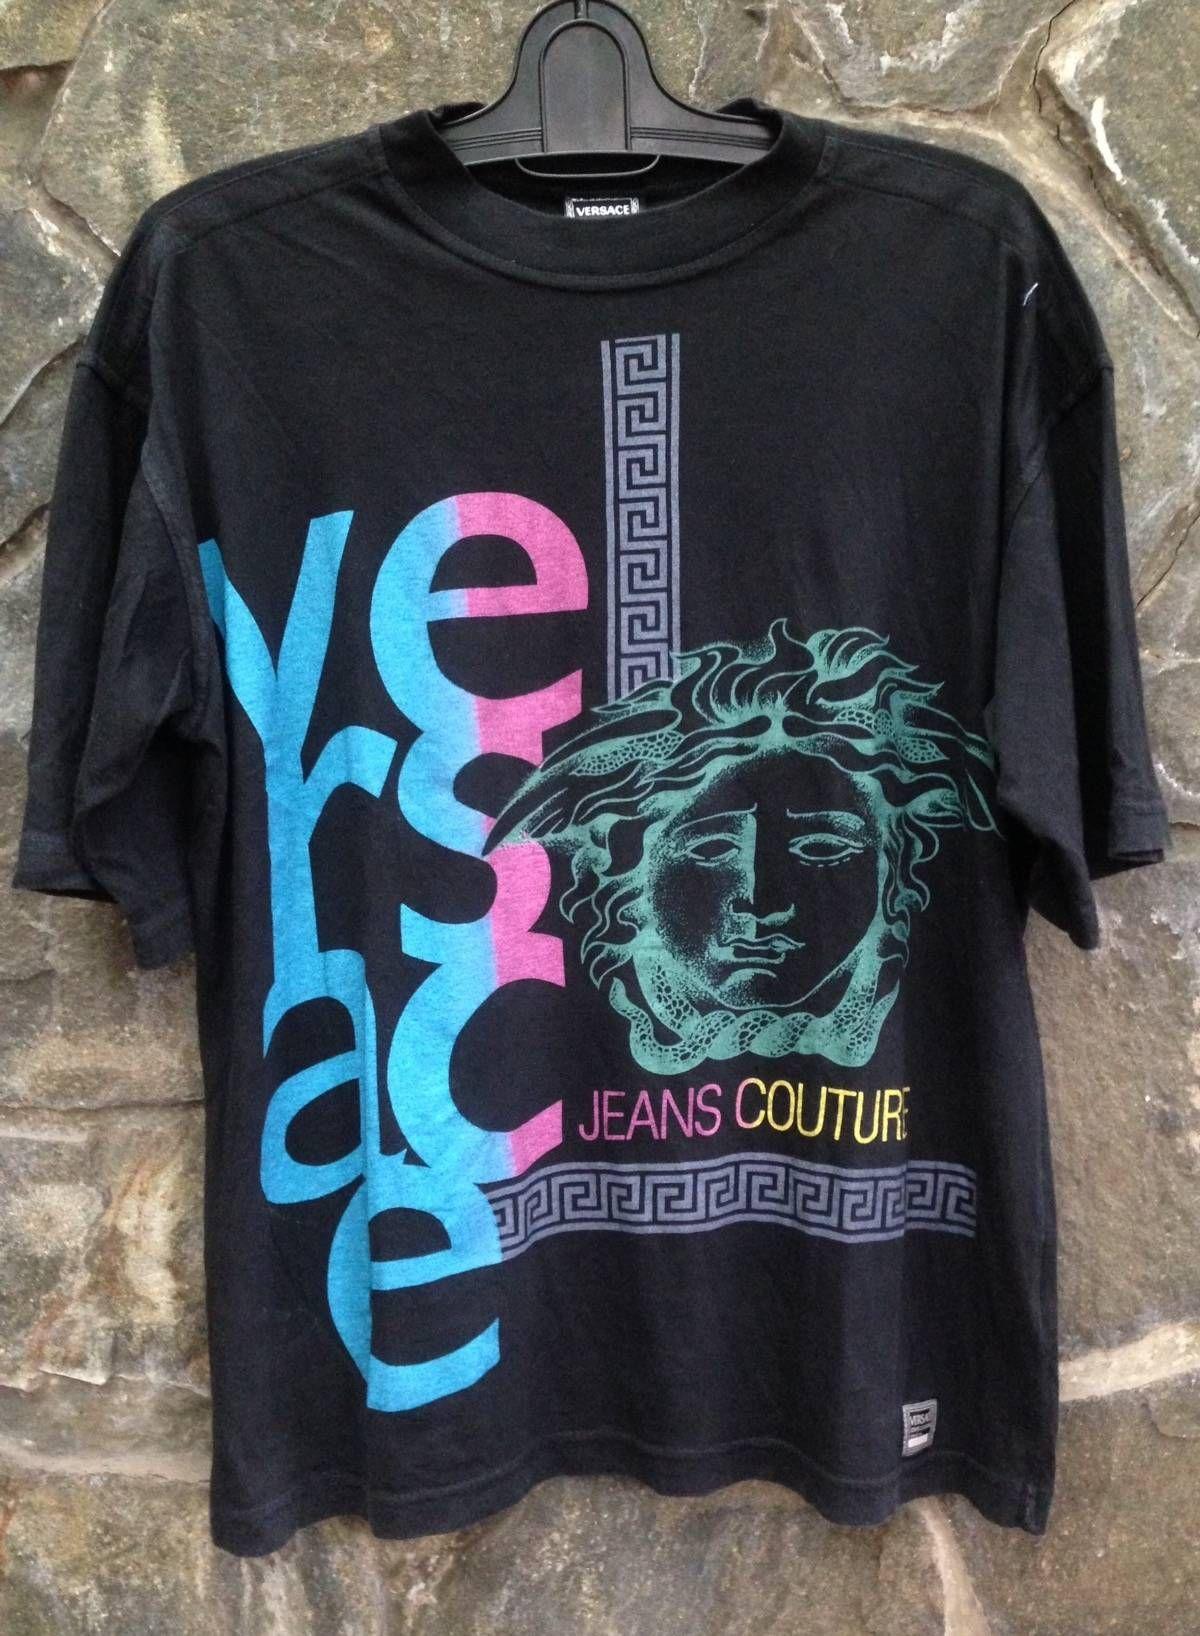 Versace Jeans Couture Vintage Versace Jeans Couture Medusa Logo T Shirt Size S Short Sleeve T Shirts For Versace Jeans Couture Couture Outfits Versace Jeans